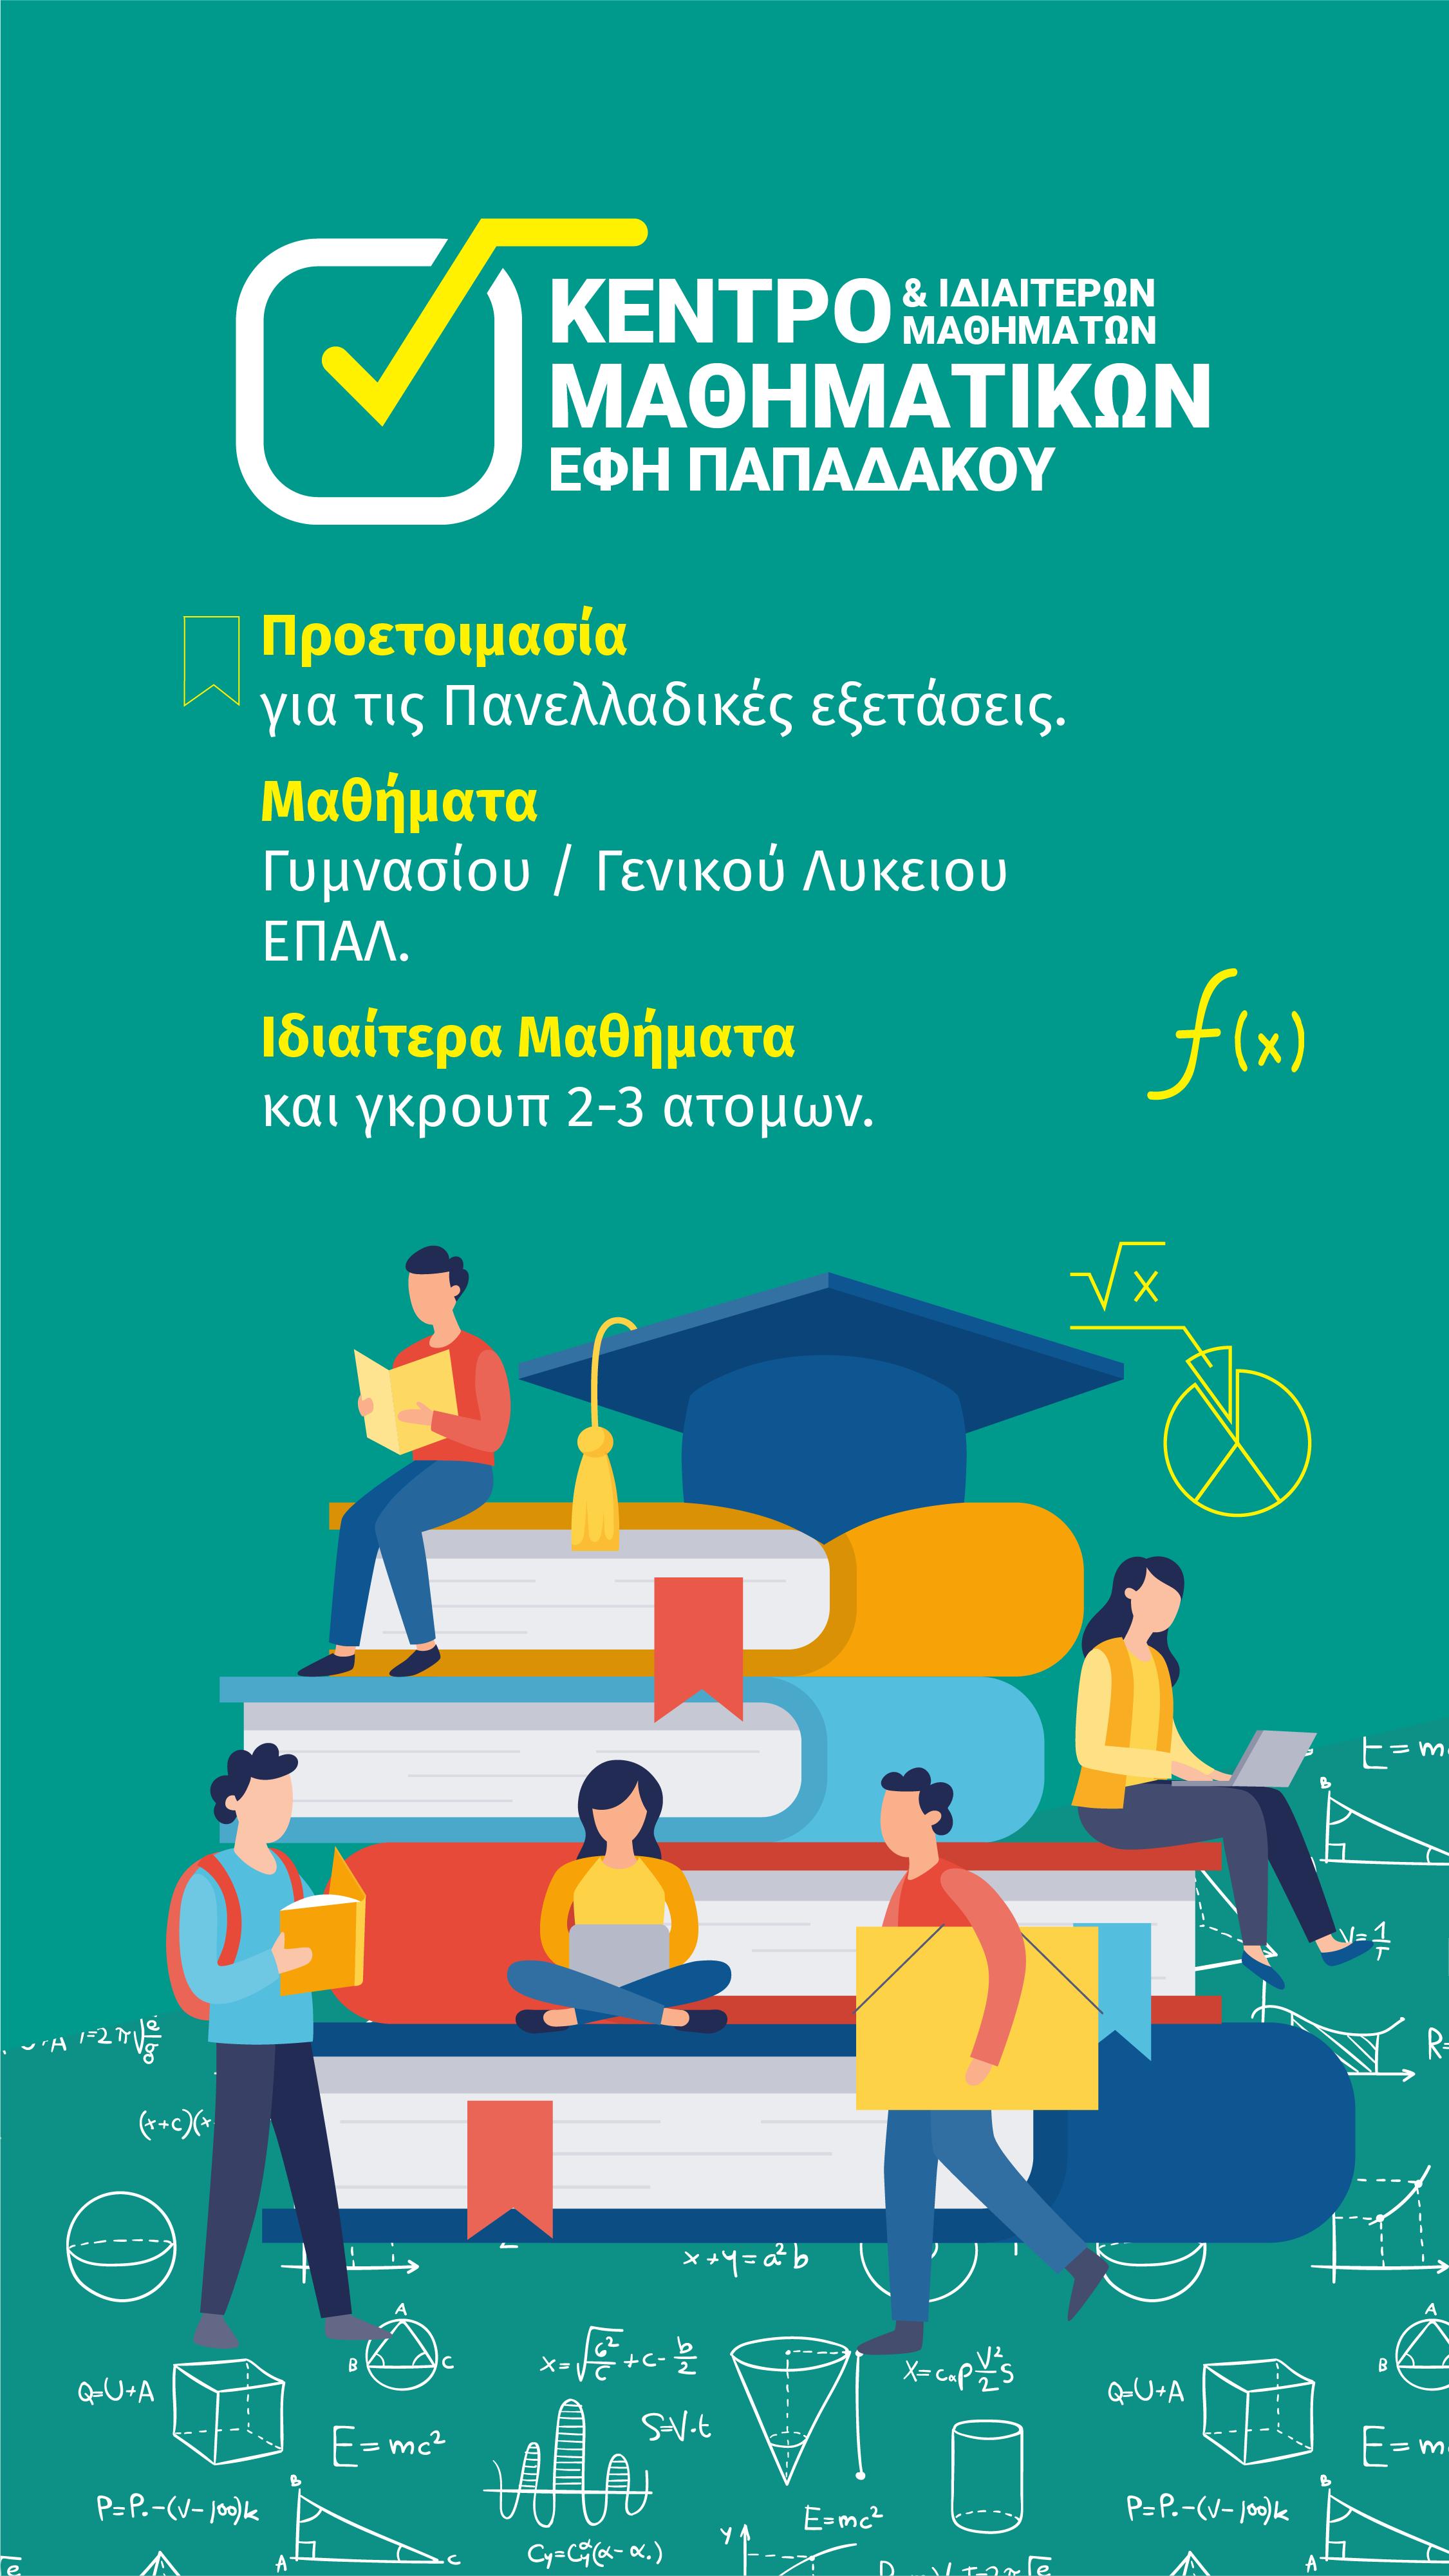 Κέντρο-Μαθηματικών-Καλαμάτα-Φροντιστήριο-εγγραφές